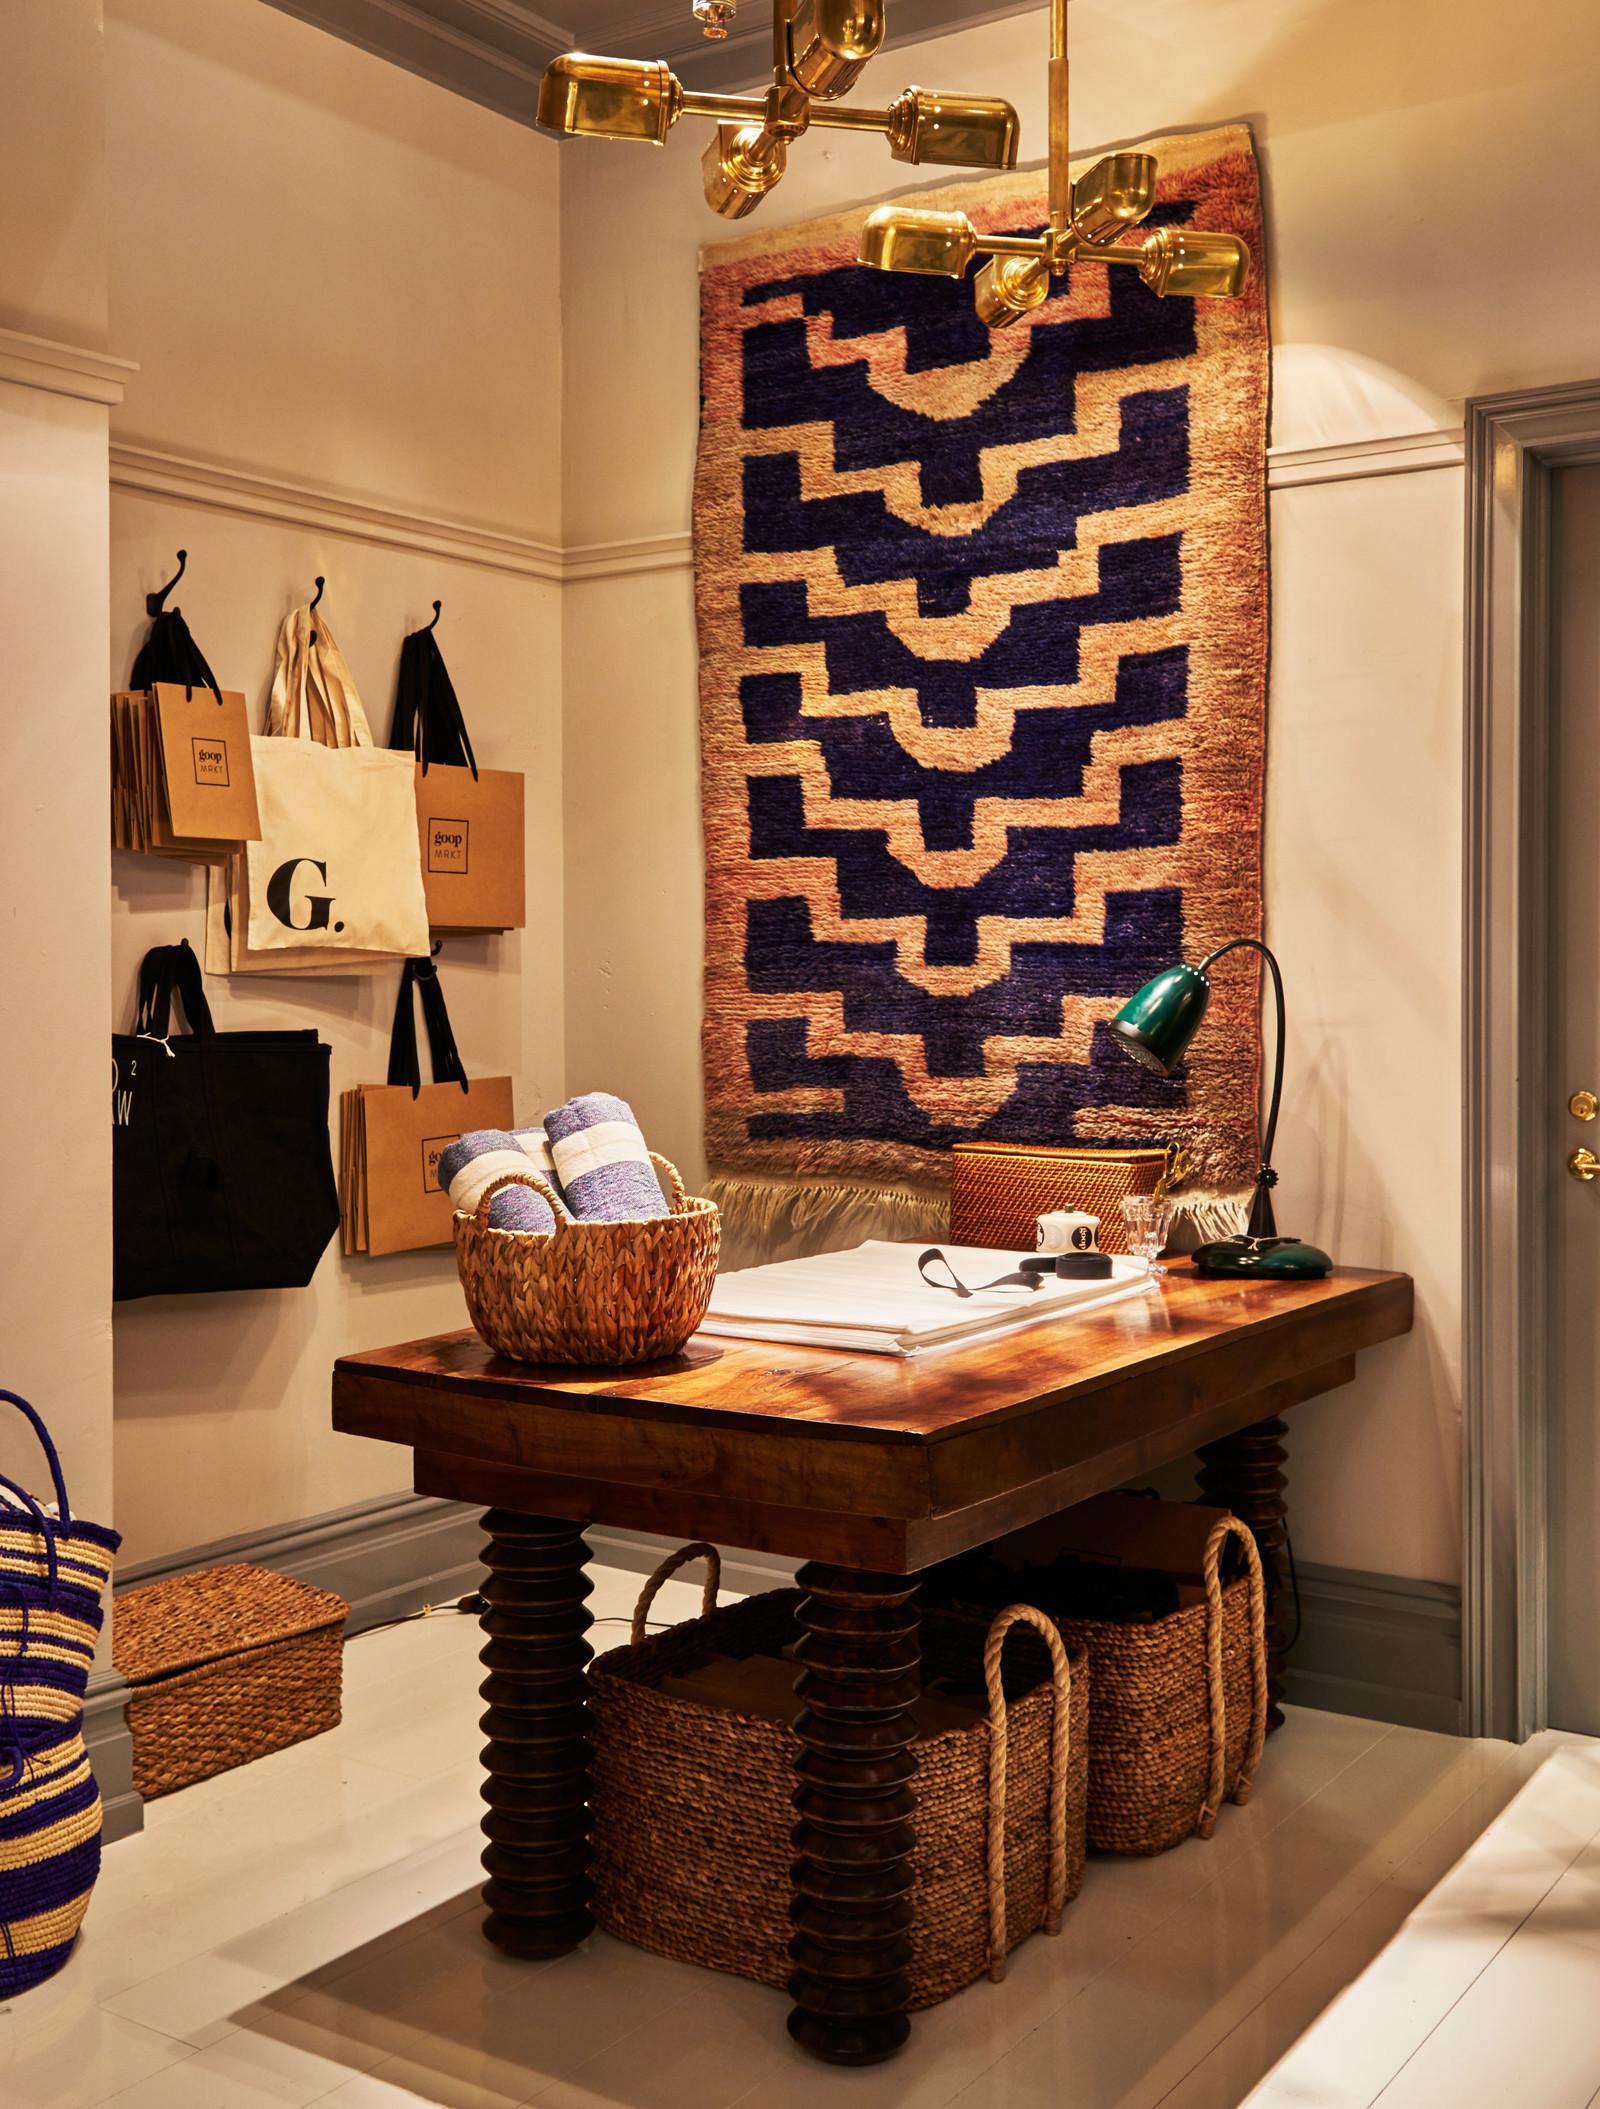 Interior design for retail